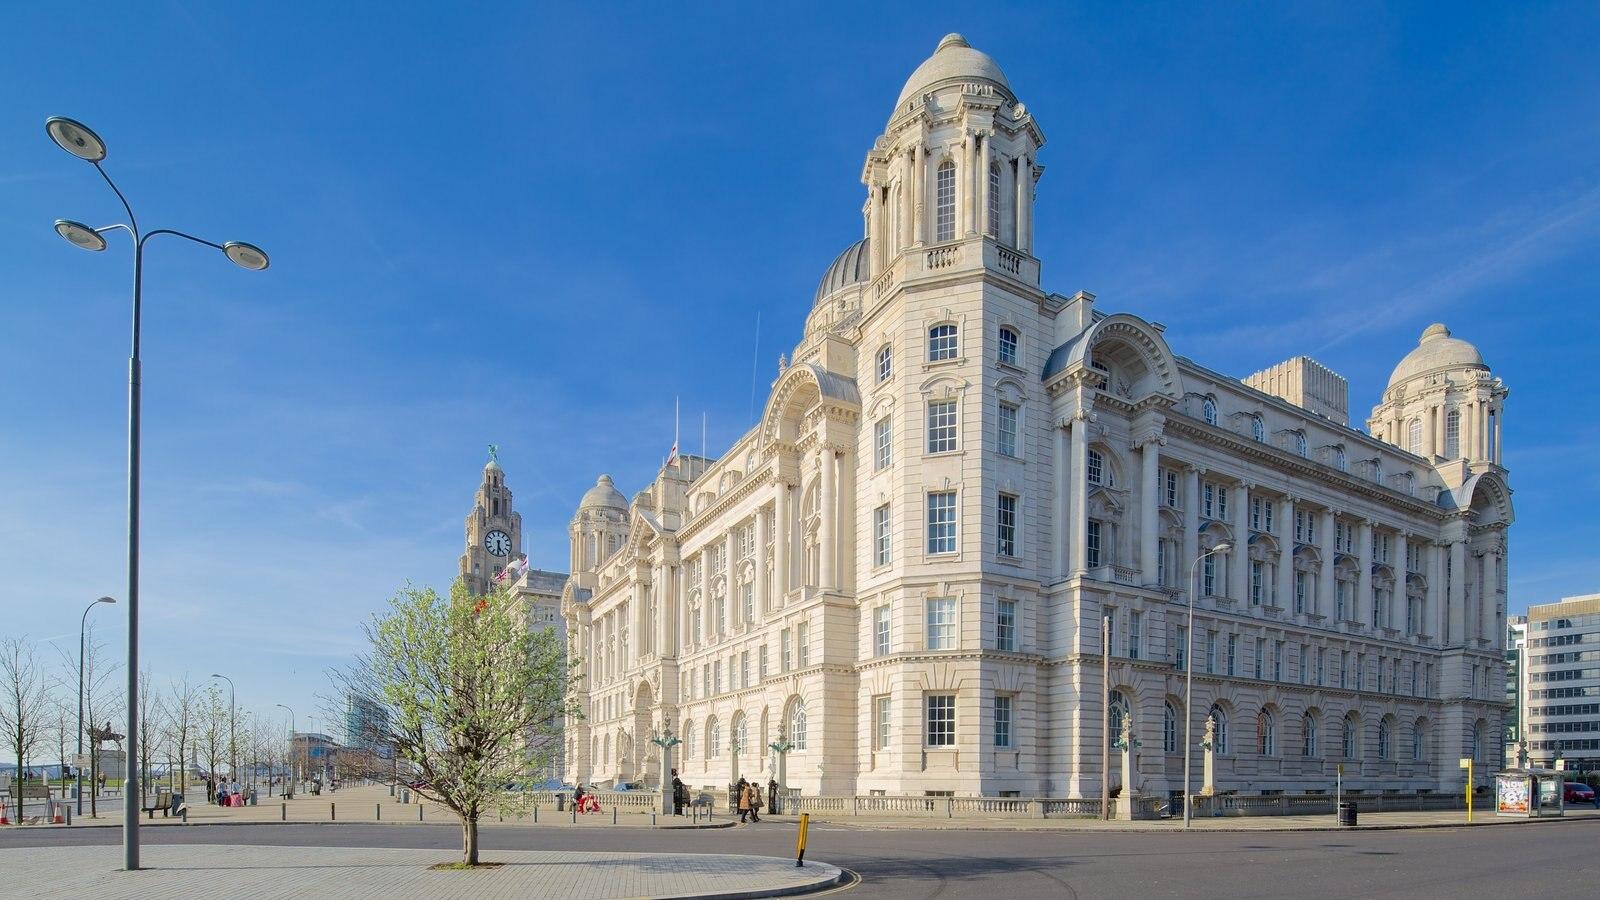 Port of Liverpool Building ofreciendo un edificio administrativo, patrimonio de arquitectura y escenas urbanas